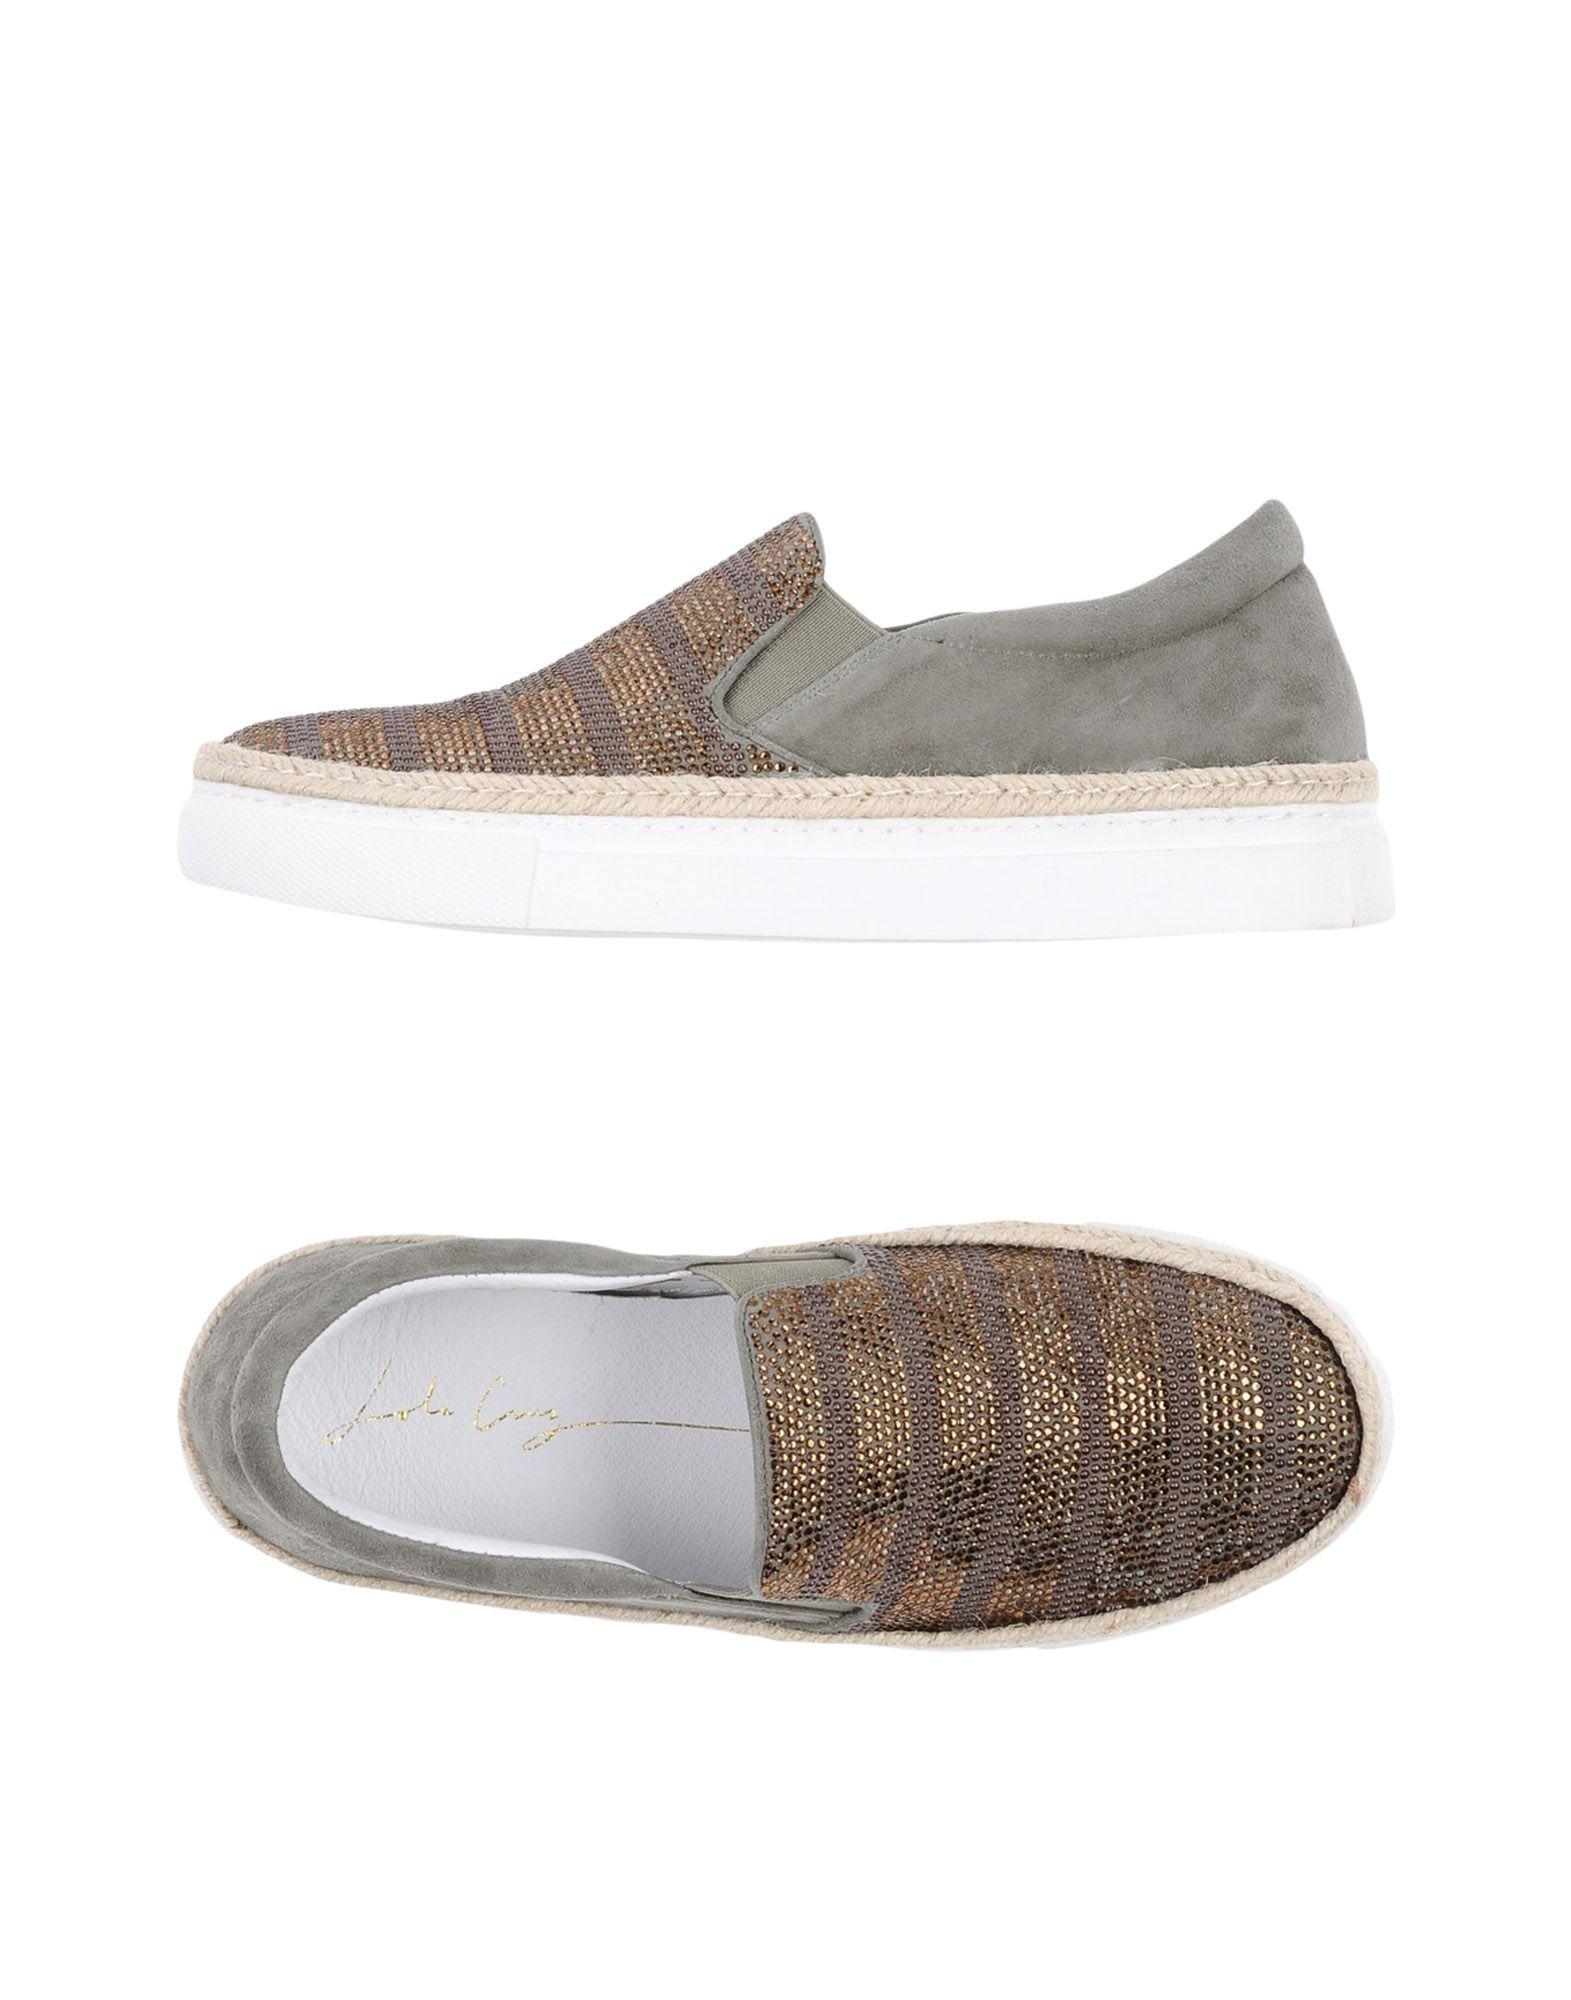 Lola Cruz Sneakers Damen  11342844WQ beliebte Gute Qualität beliebte 11342844WQ Schuhe fd2ce0